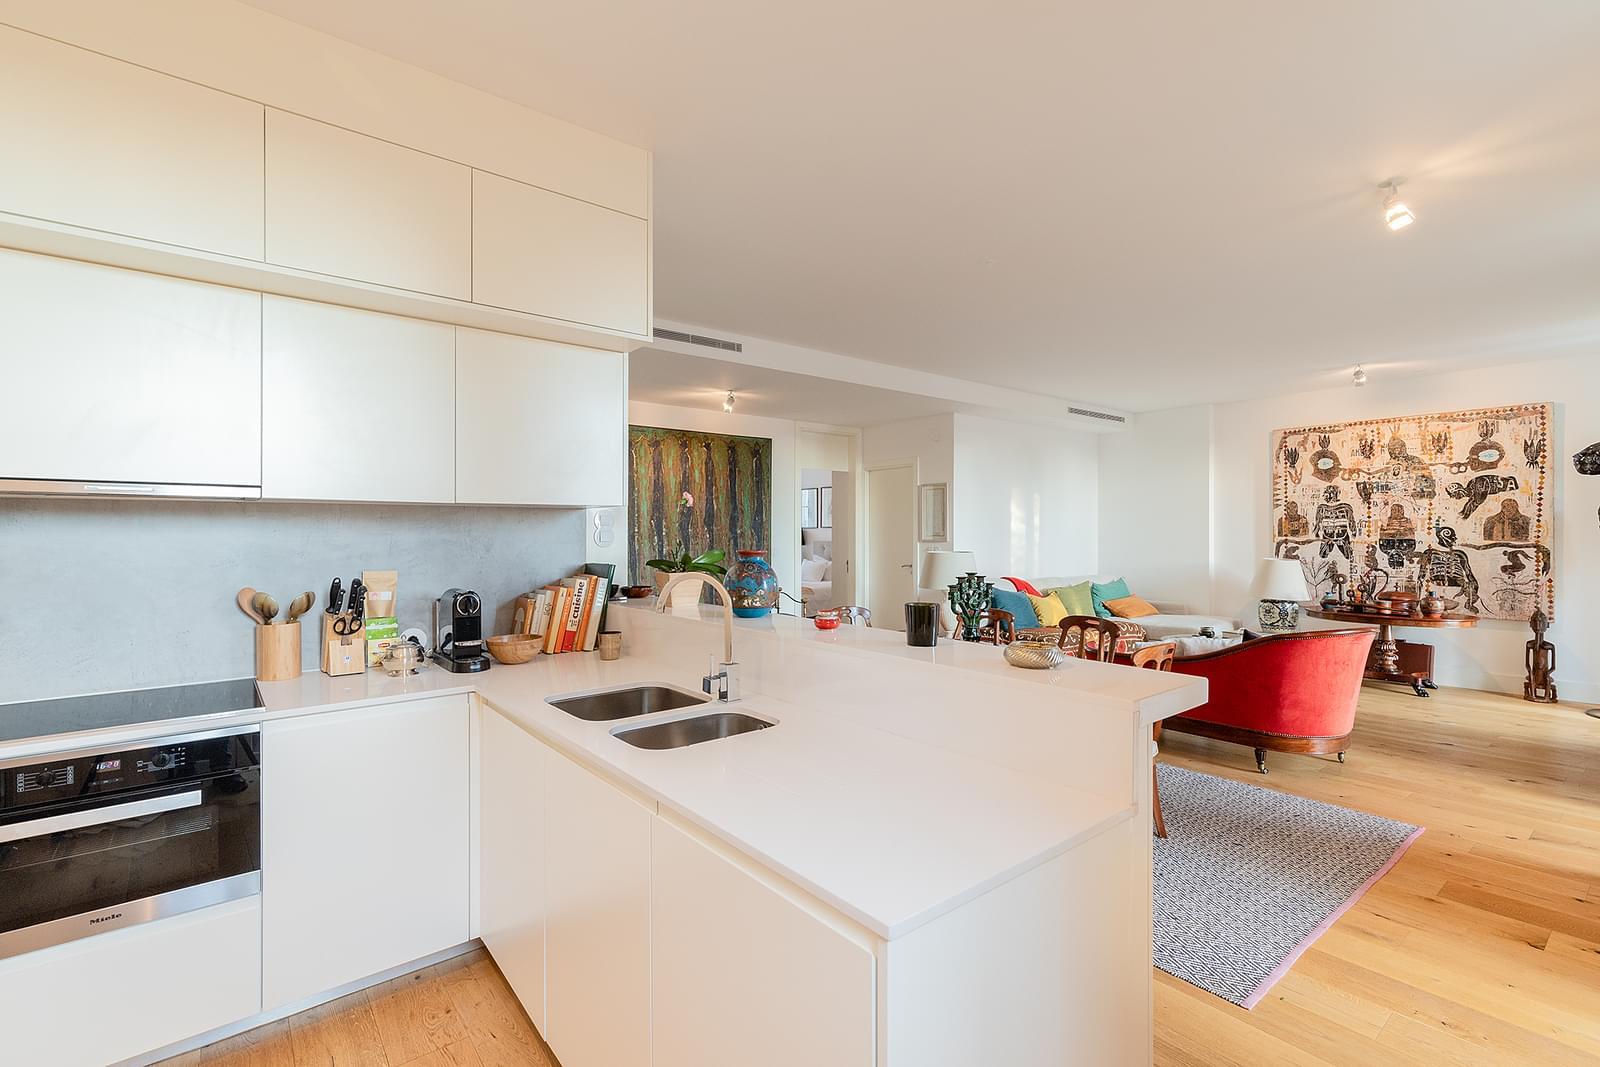 pf18824-apartamento-t2-1-lisboa-e085273a-074c-43dd-899c-e5bc482f5e47